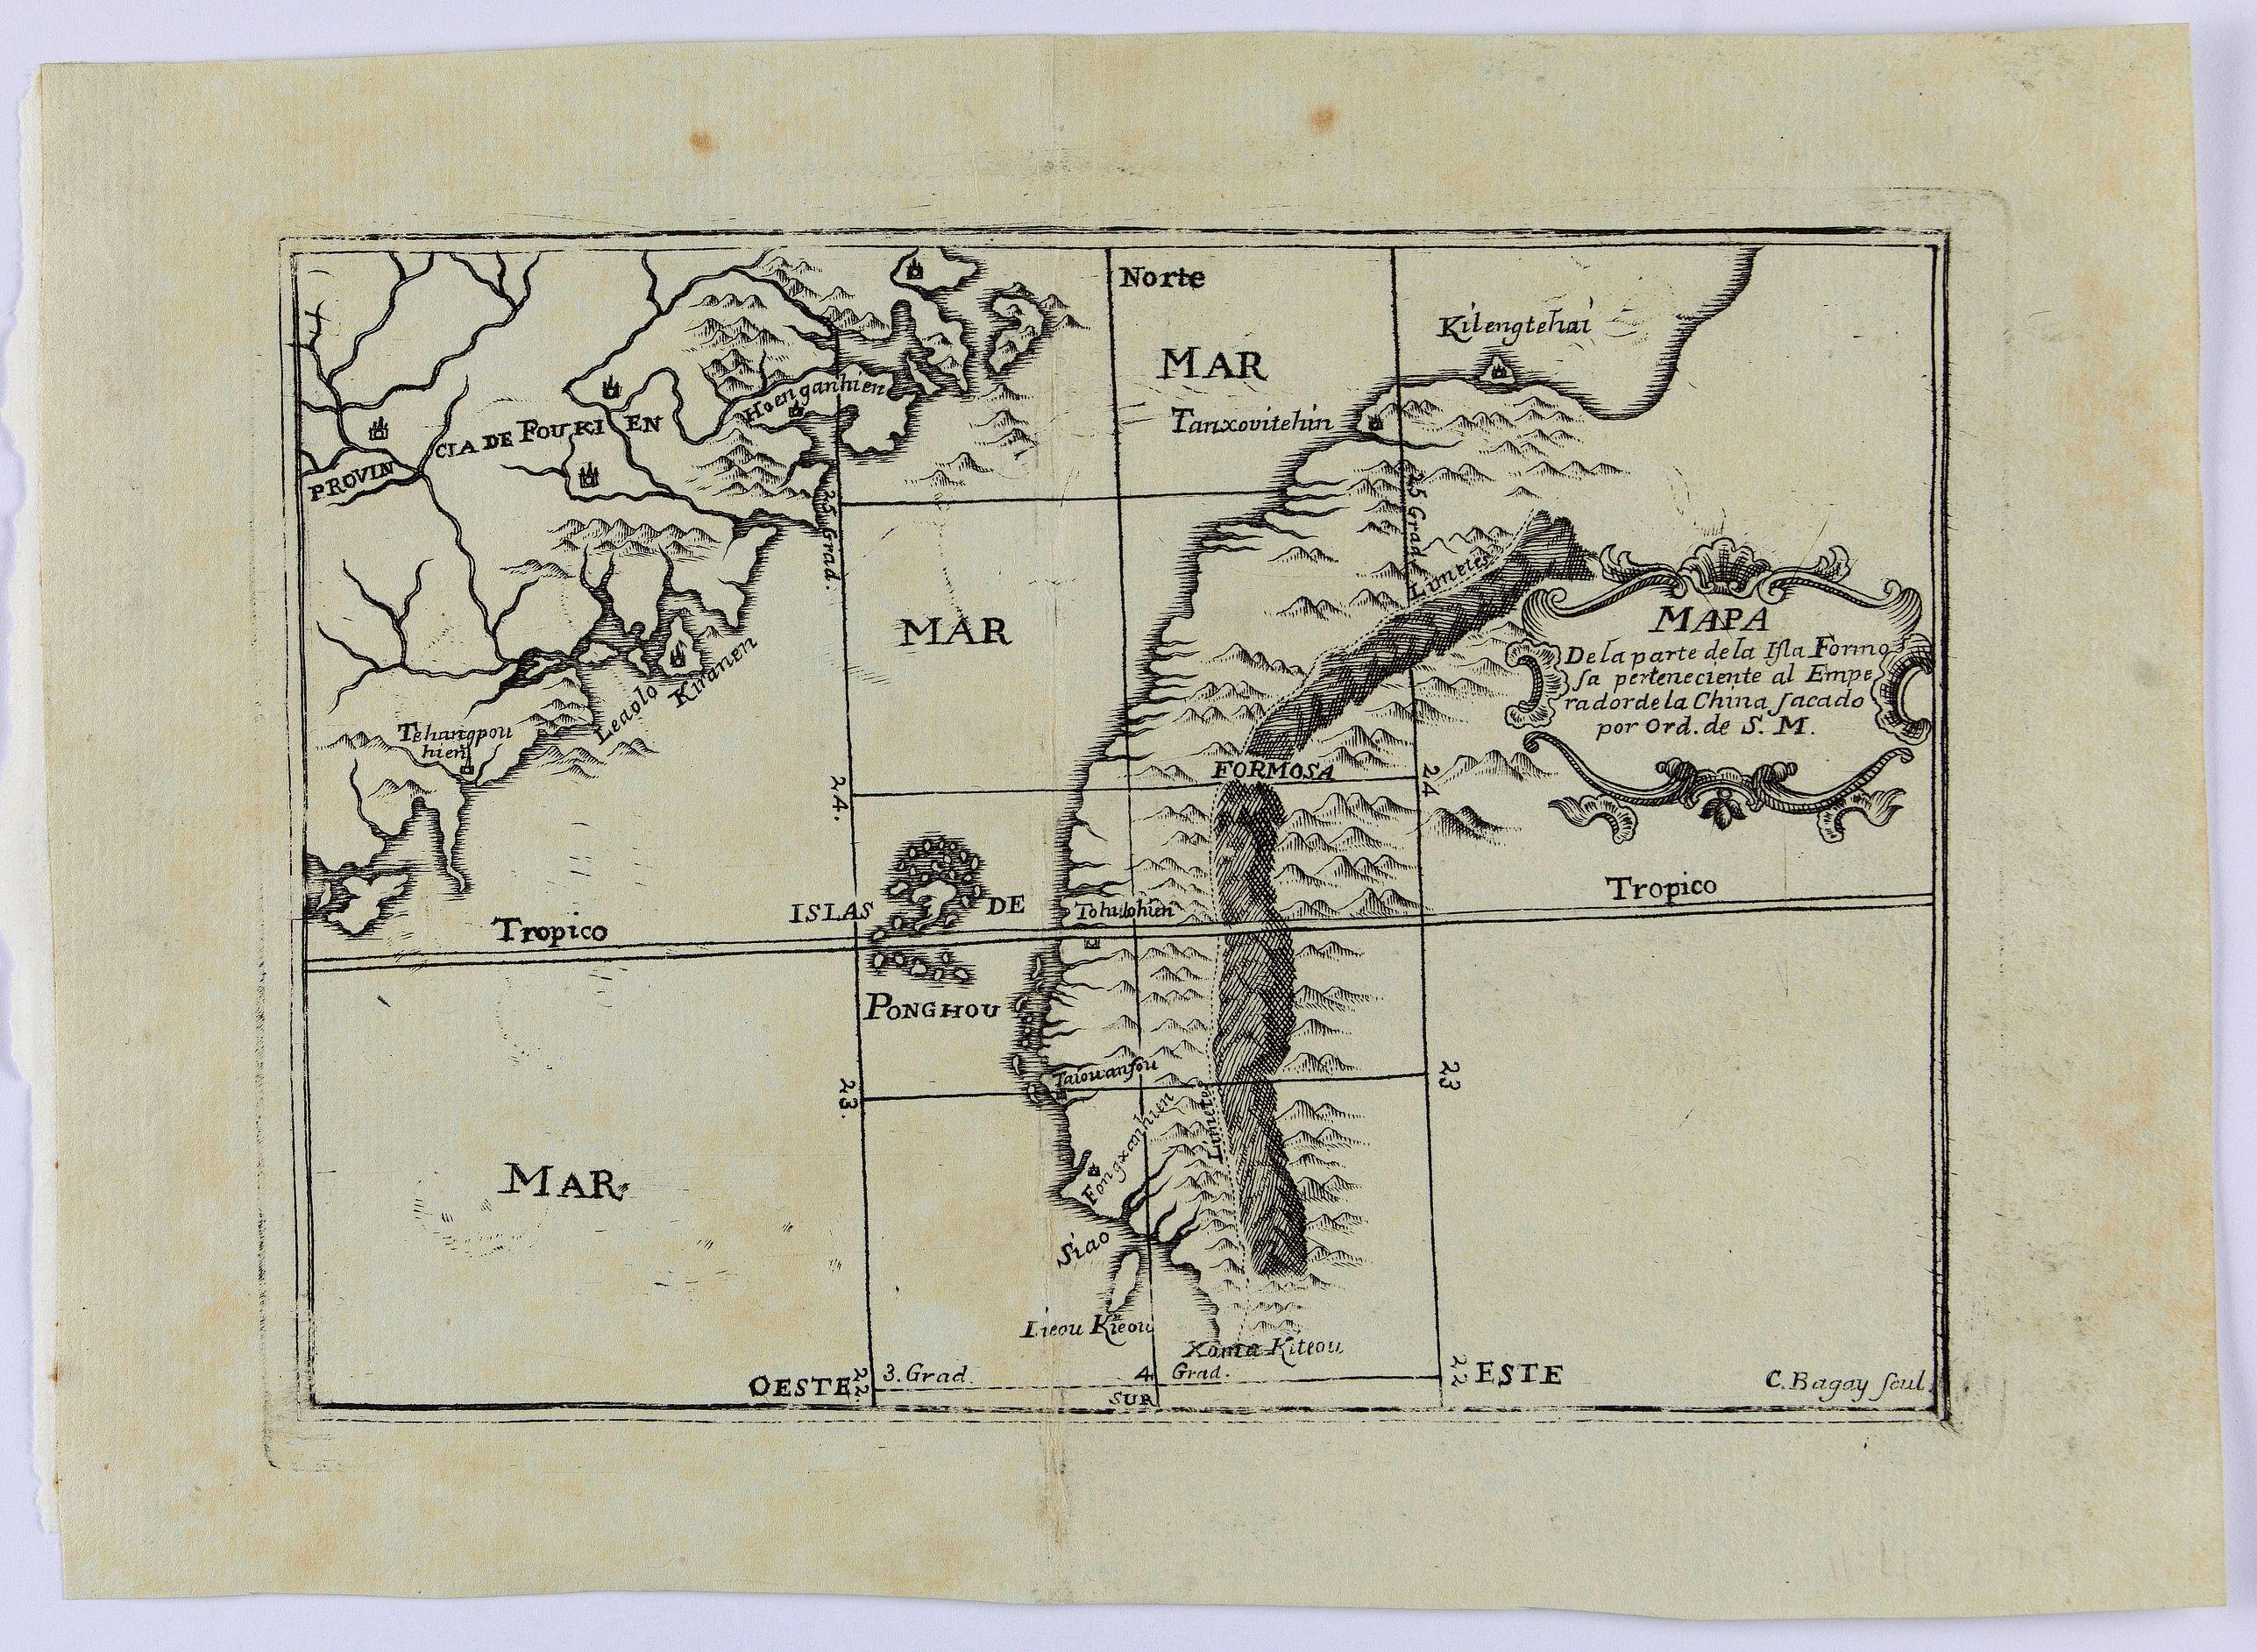 BAGAY, C. -  Mapa De la parte de la Isla Formosa sa perteneciente al Emperadotde la China sacado por Ord. De S.M.